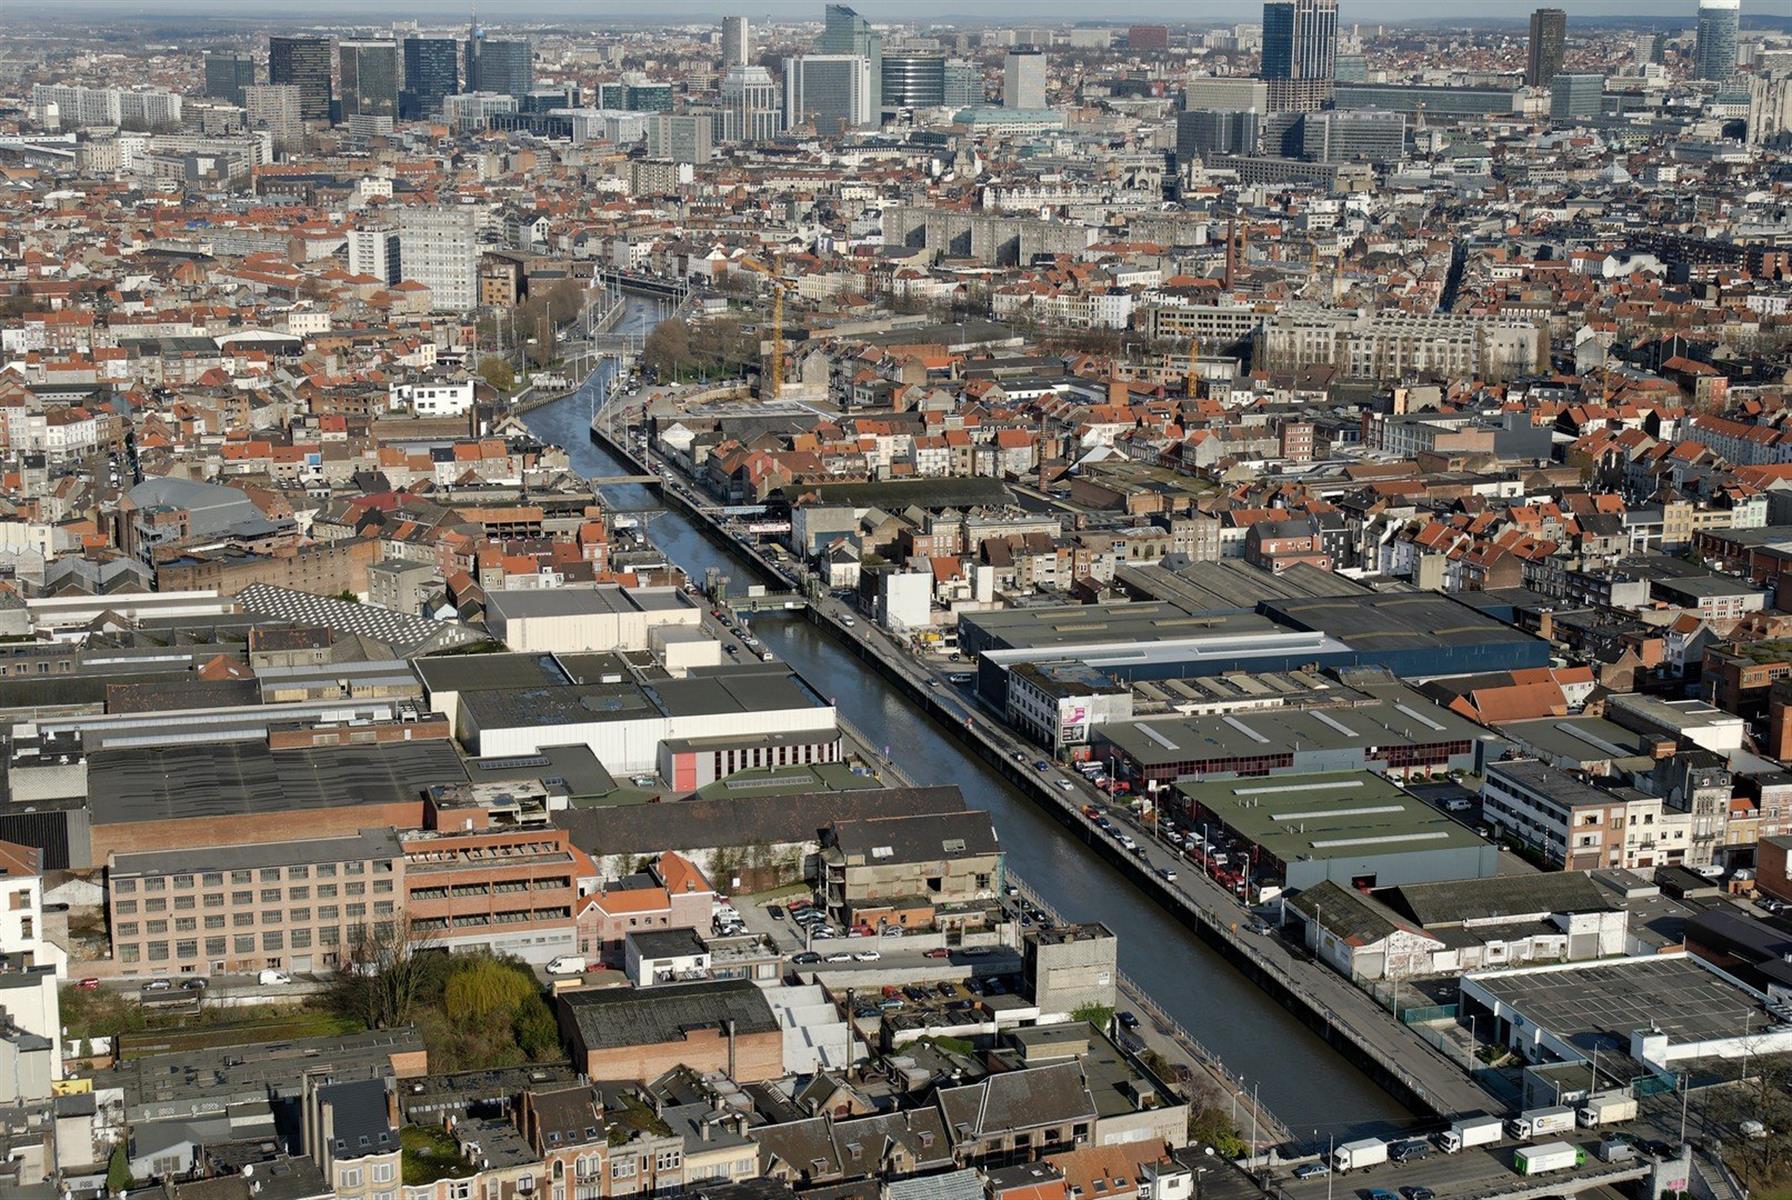 Vente Immeuble industriel à Anderlecht en bordure du canal en Belgique